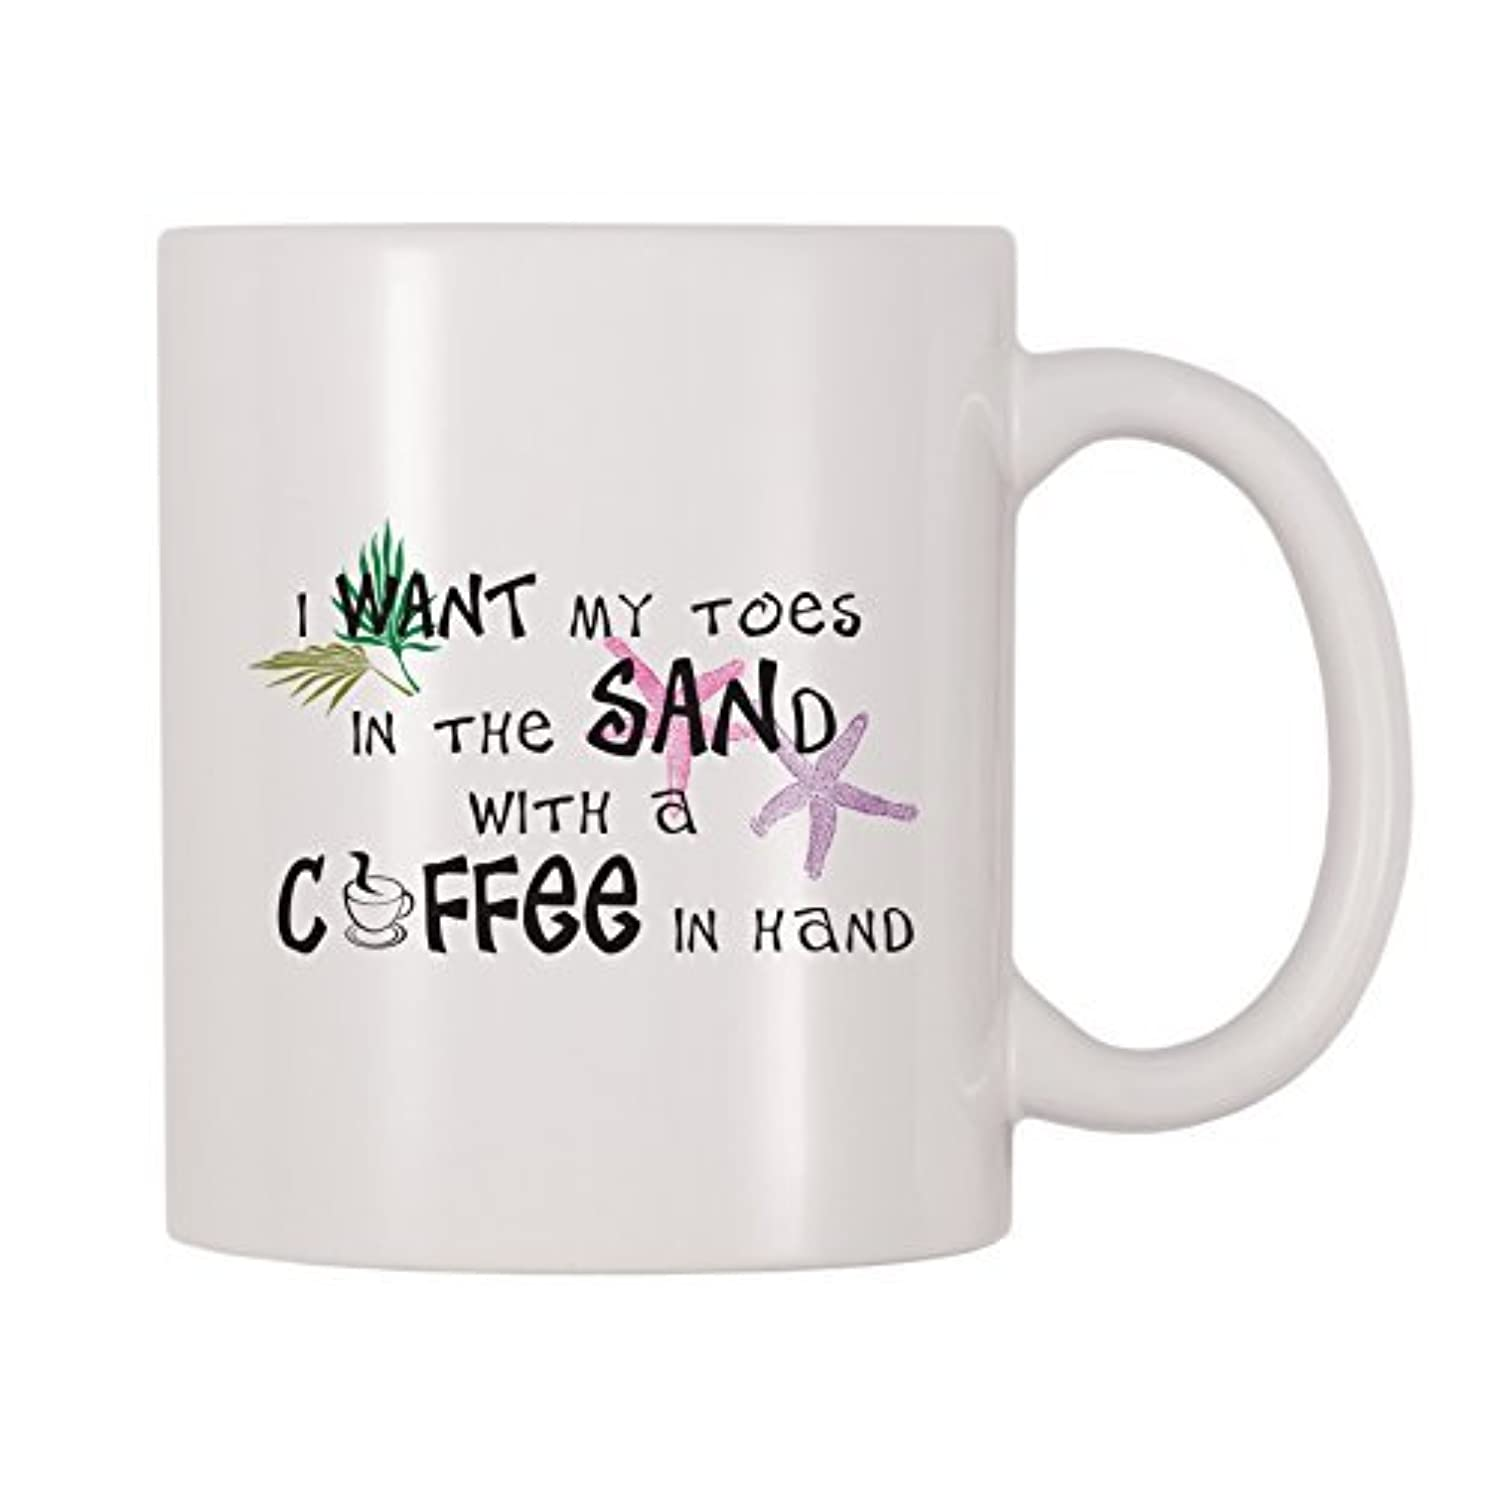 悪化する共産主義者旧正月4 All Times I Want My Toes In The Sand With Coffee In Hand (11 oz) [並行輸入品]